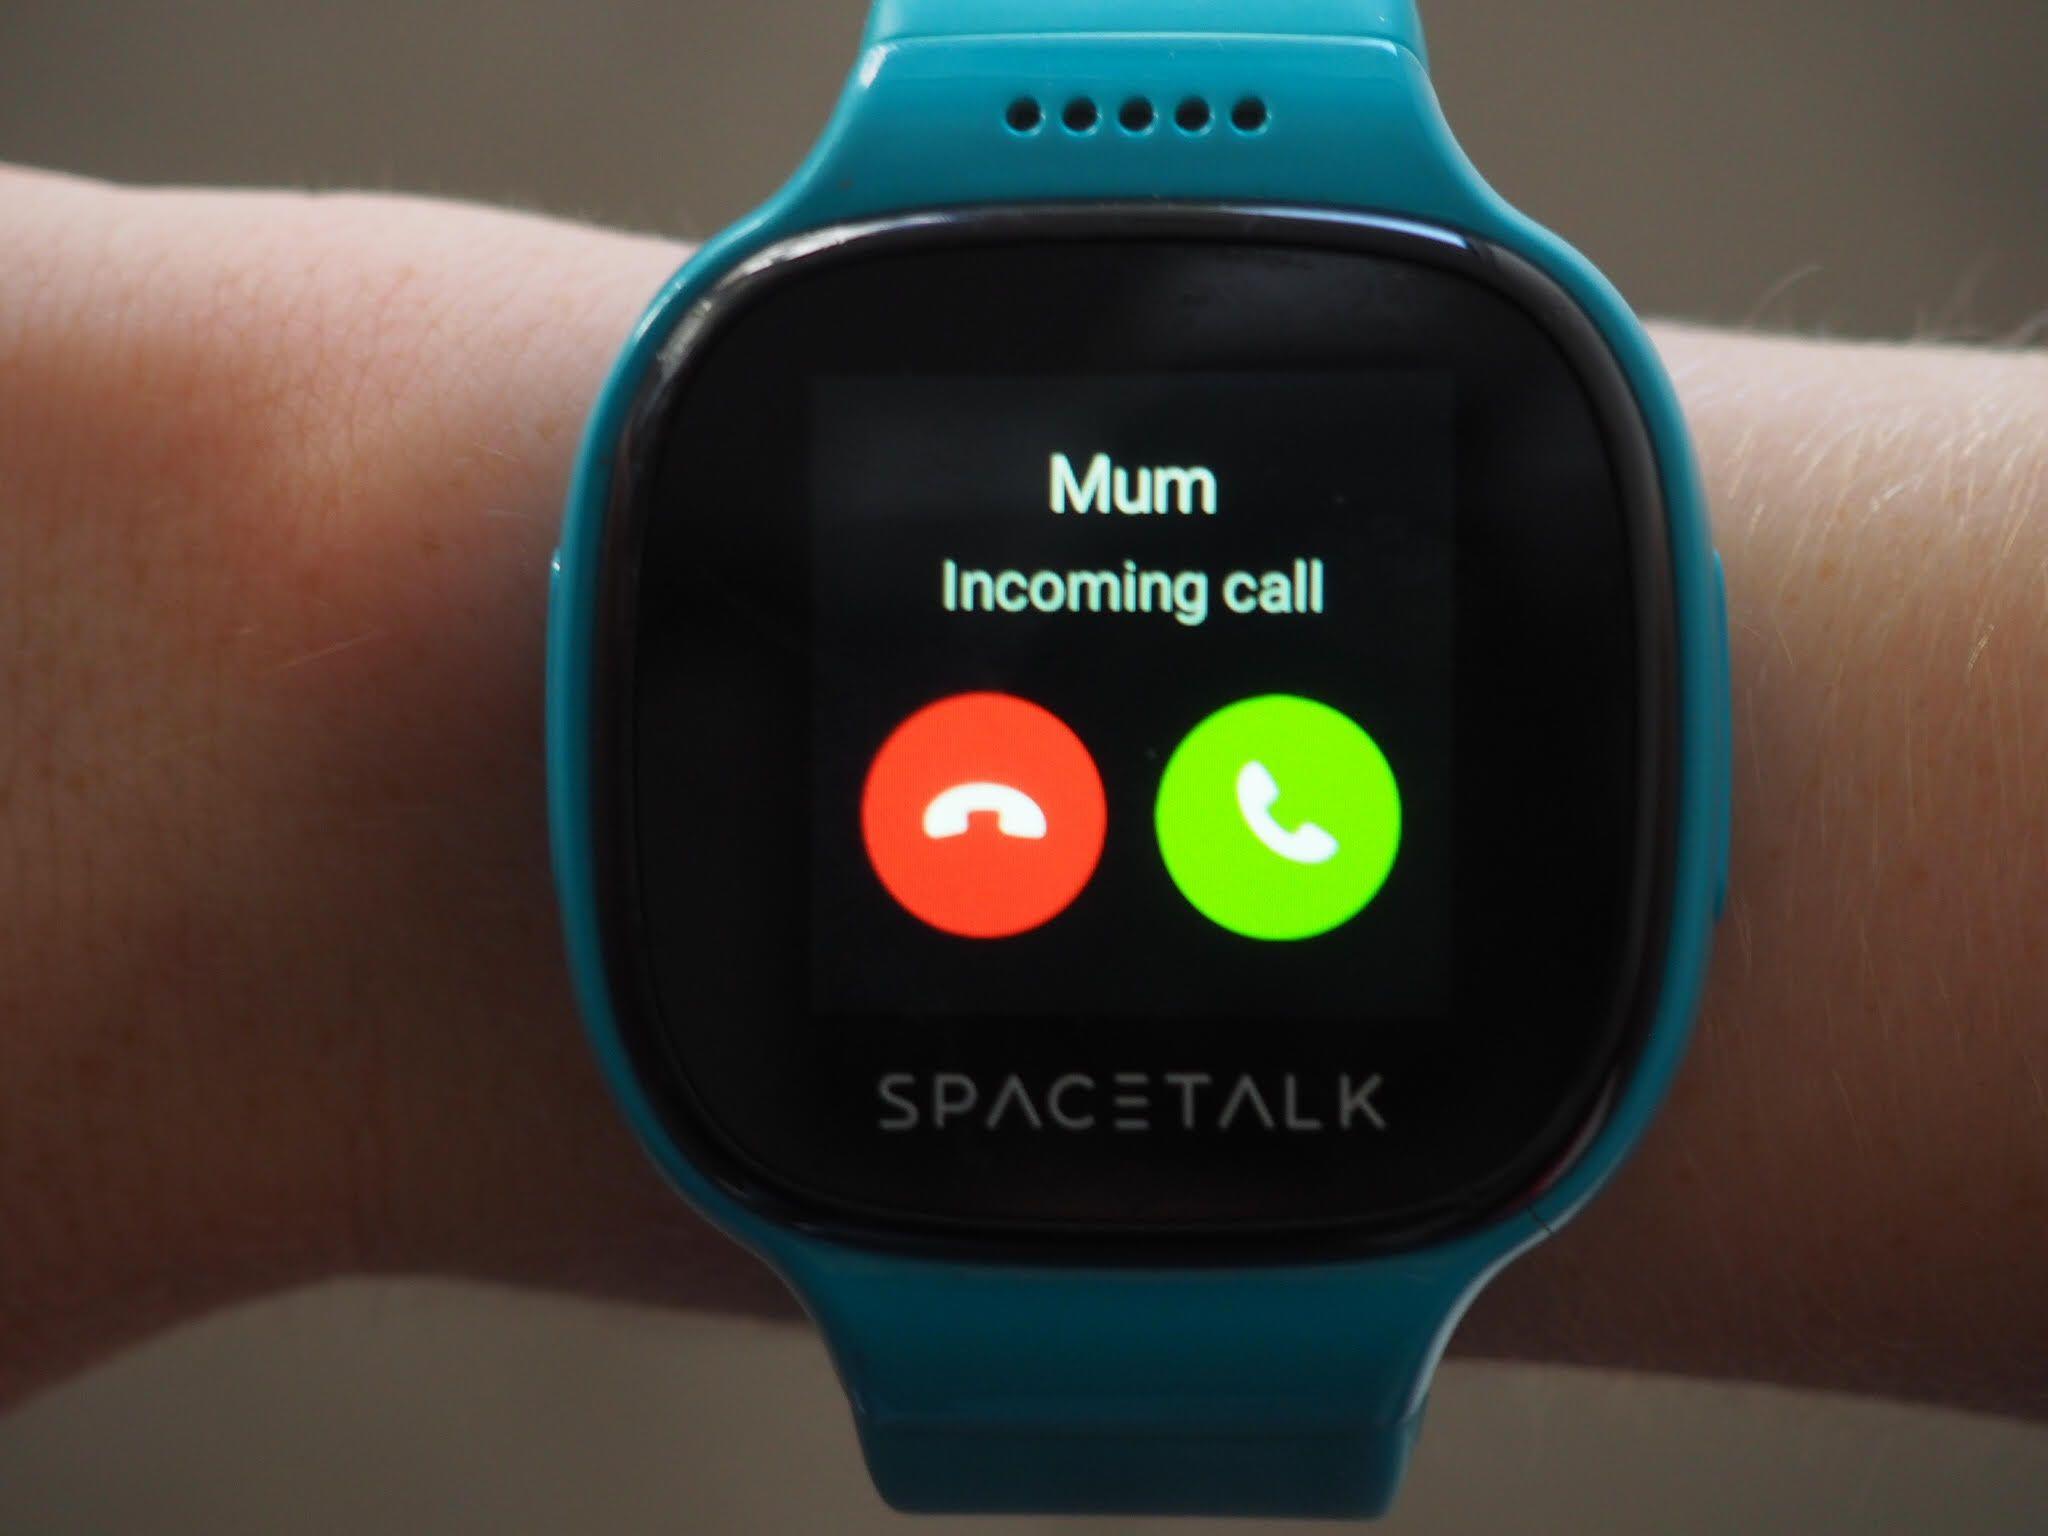 يمكن لساعة Sky Mobile الذكية تتبع مكان طفلك بدقة